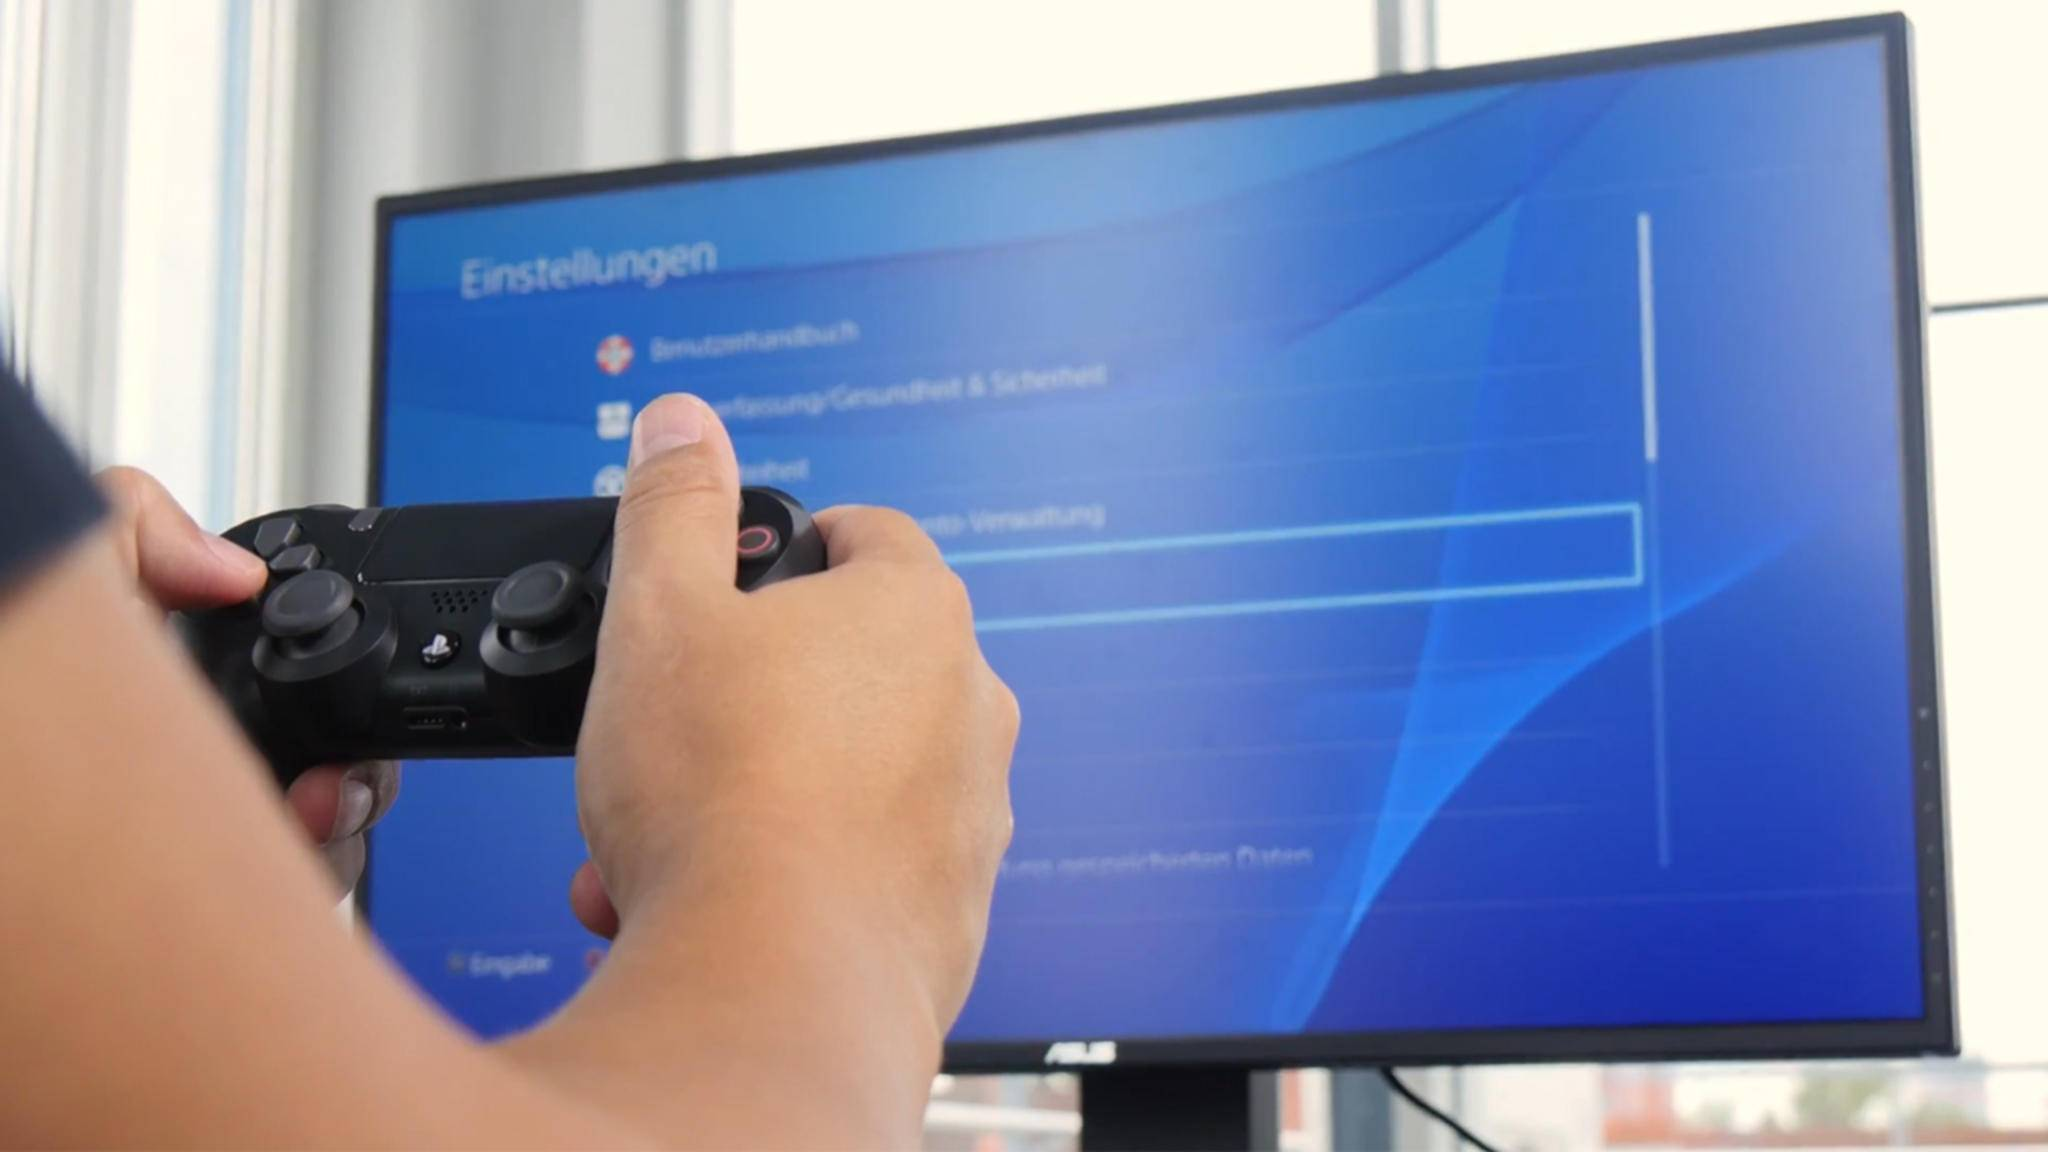 Mit unseren Tipps sind Bildprobleme bei der PS4 schnell behoben.